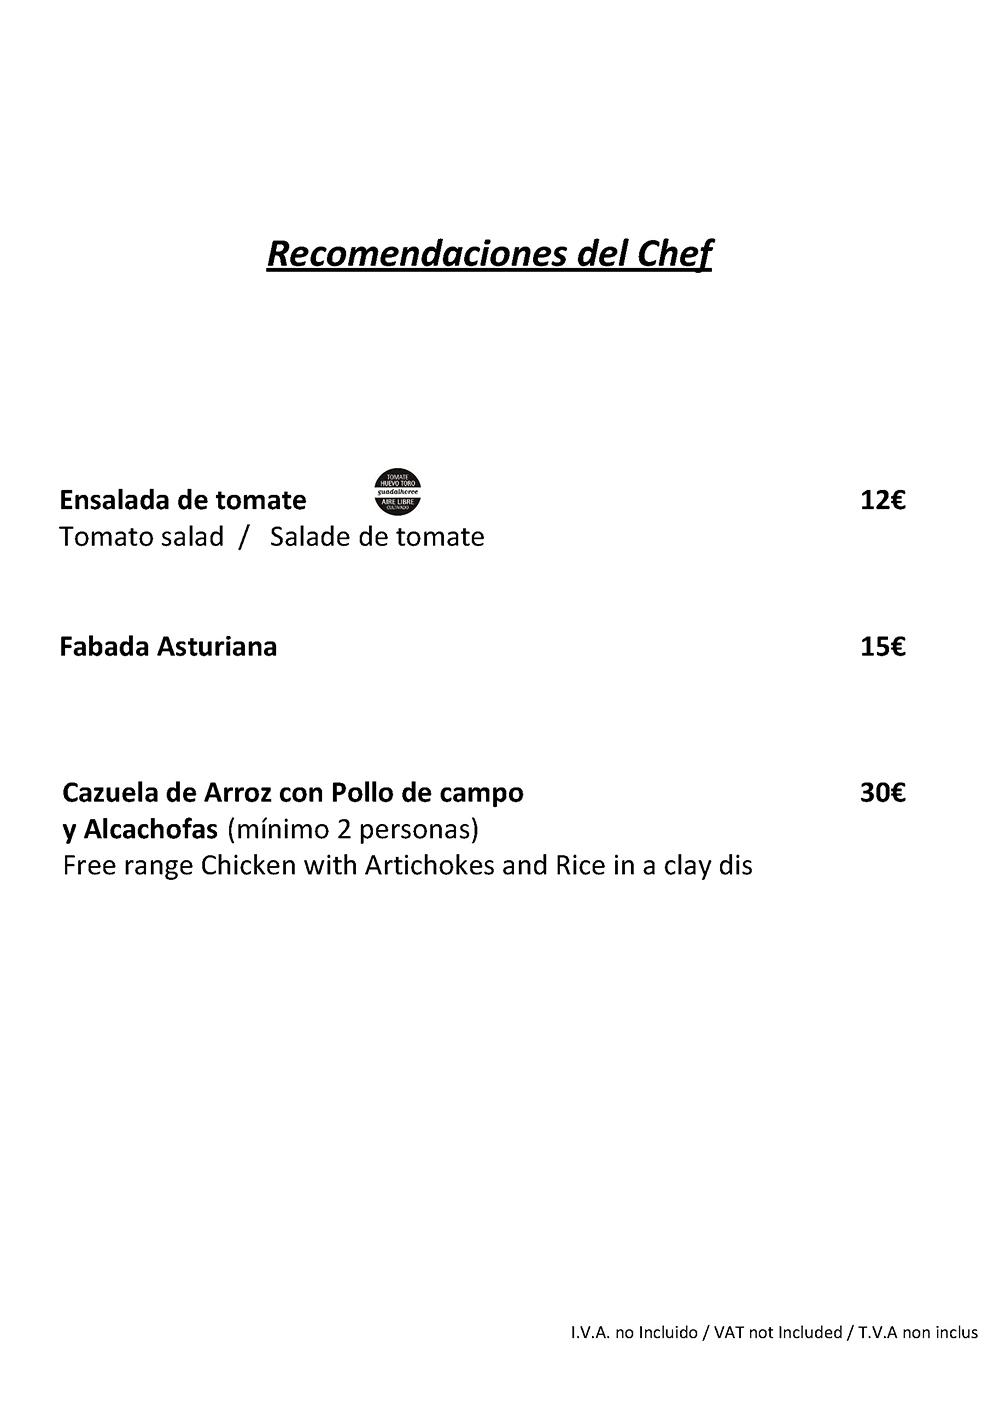 El Gamonal Menú Recomendaciones del Chef